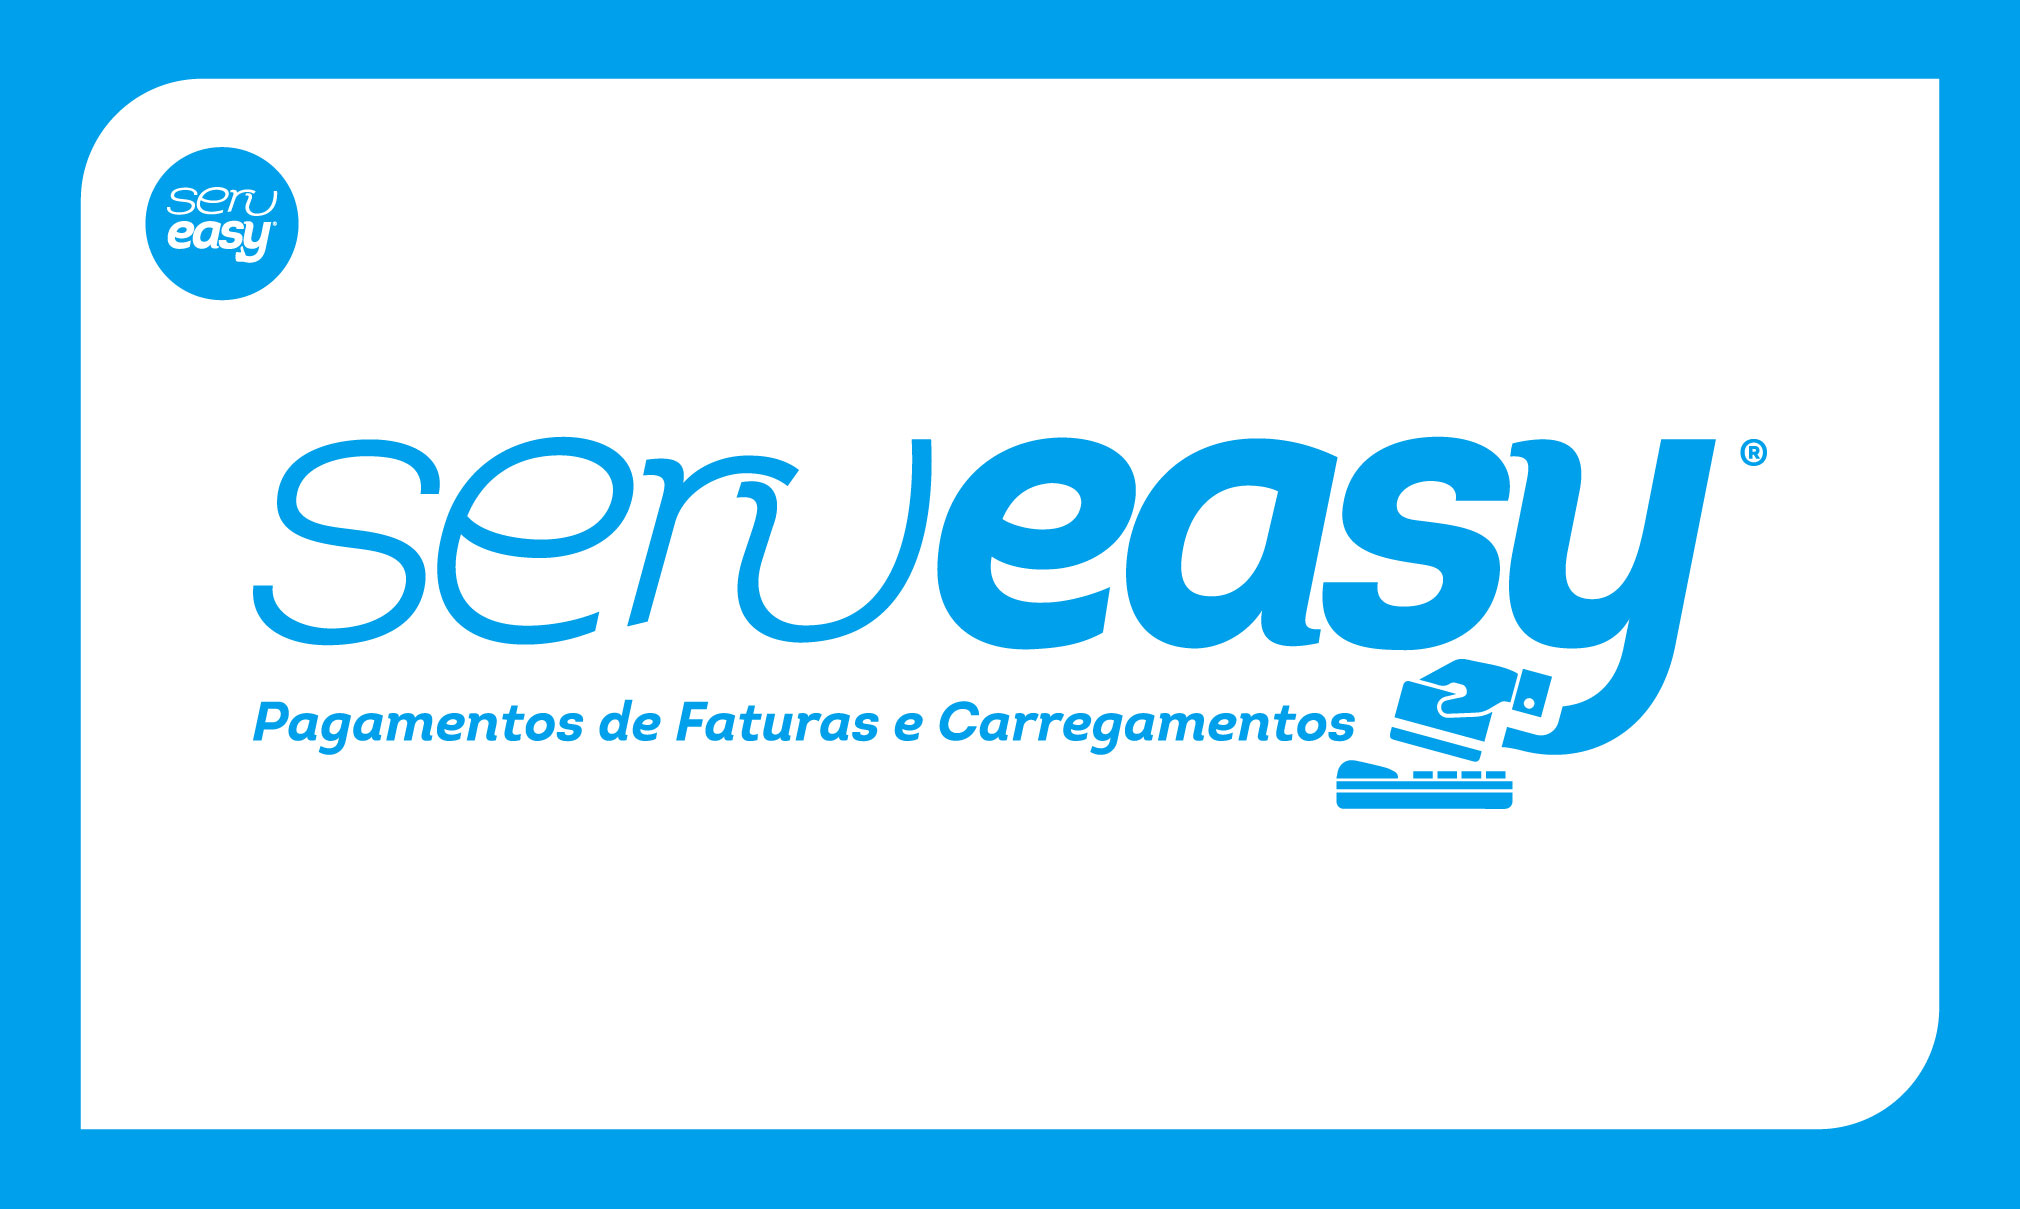 pagamentos de faturas e carregamentos de telemoveis